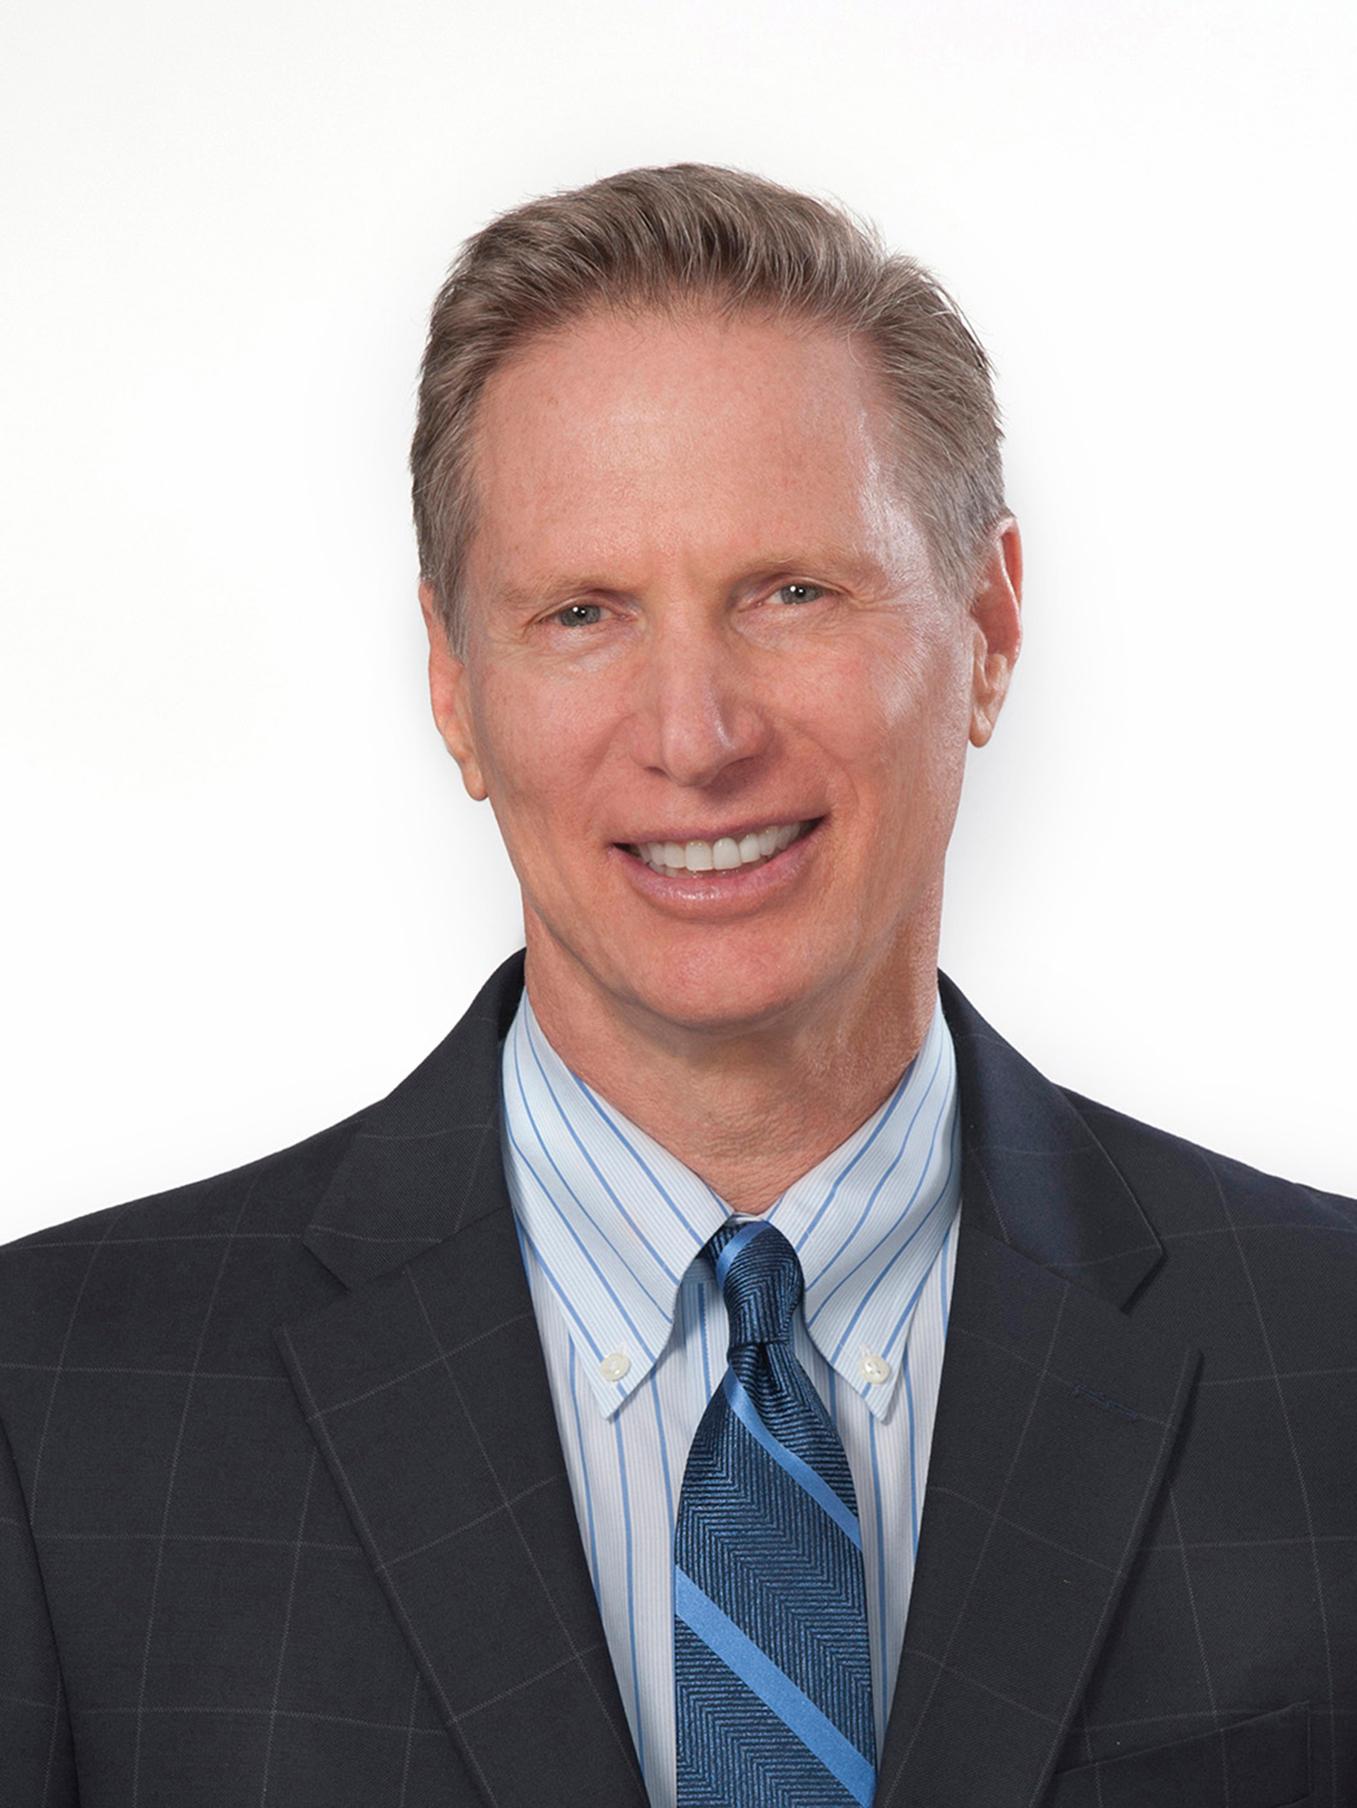 Arthur S. Day, Partner, Co-founder, Senior Portfolio Manager of Day Hagan Asset Management in Sarasota, FL.